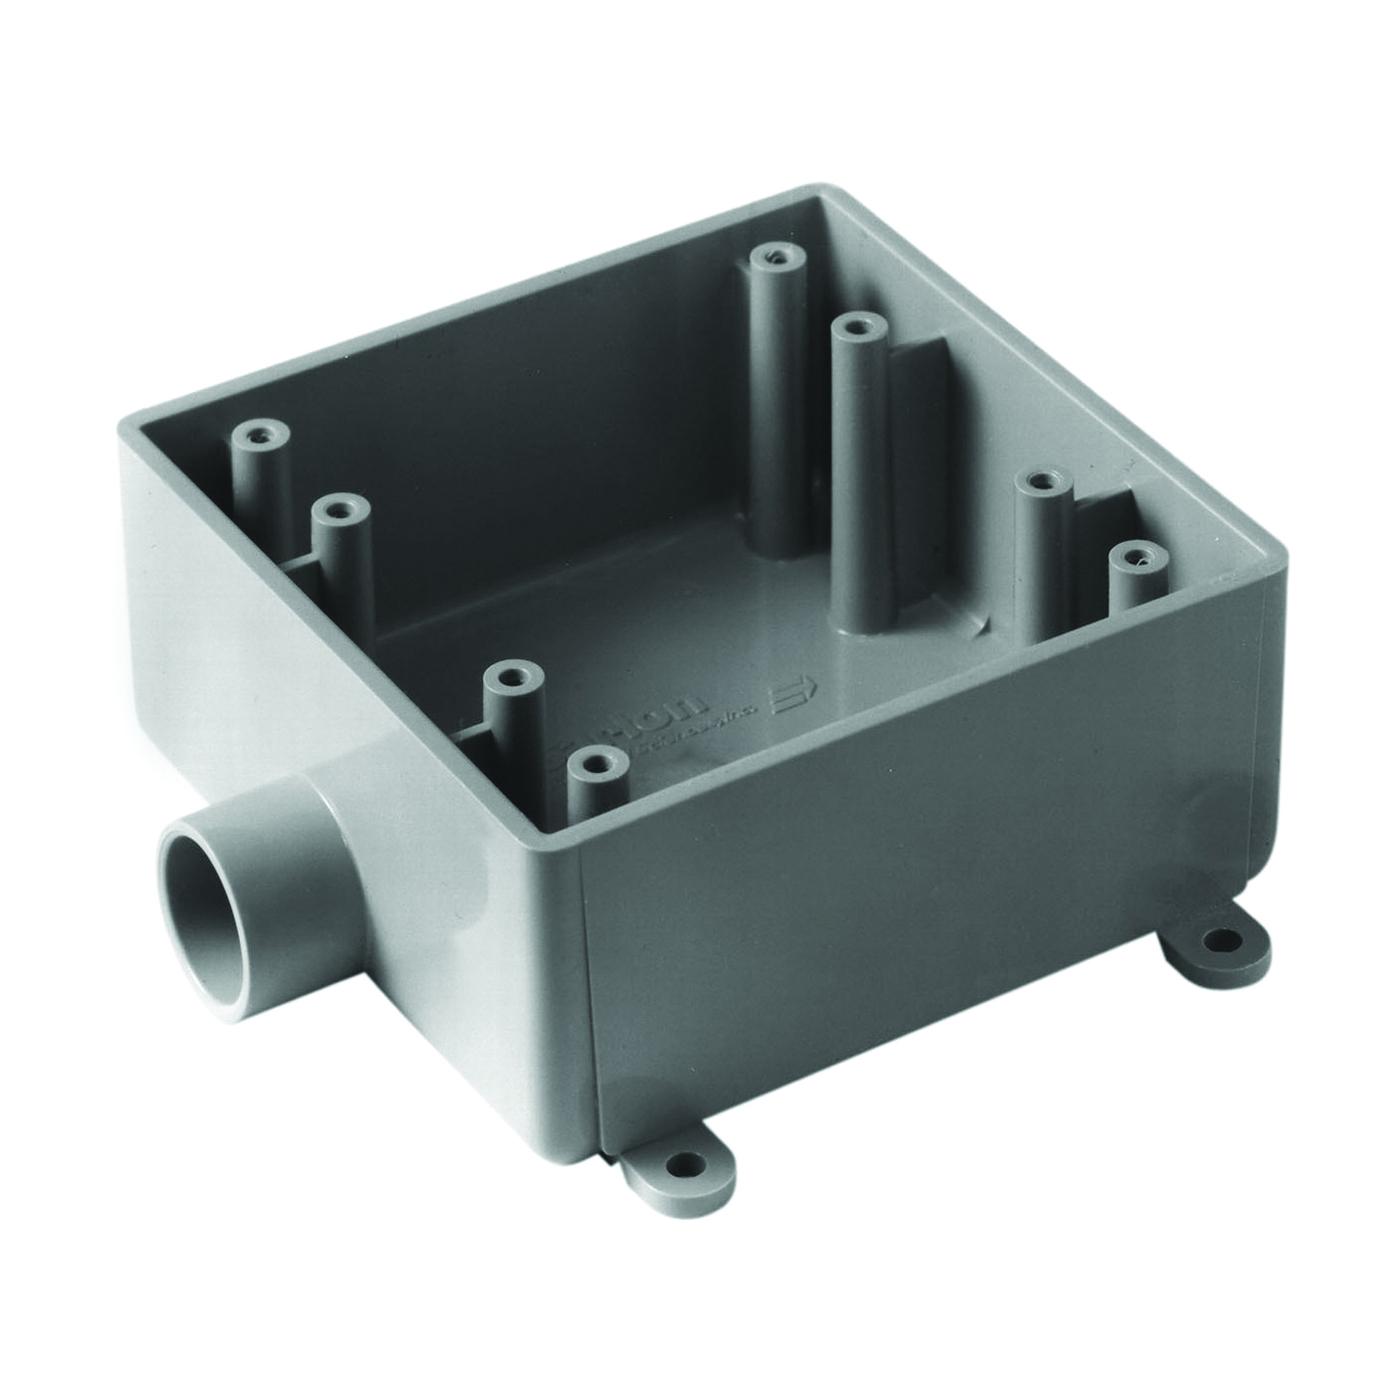 Picture of Carlon E9802E-CTN Switch Box, 2-Gang, 1-Outlet, PVC, Gray